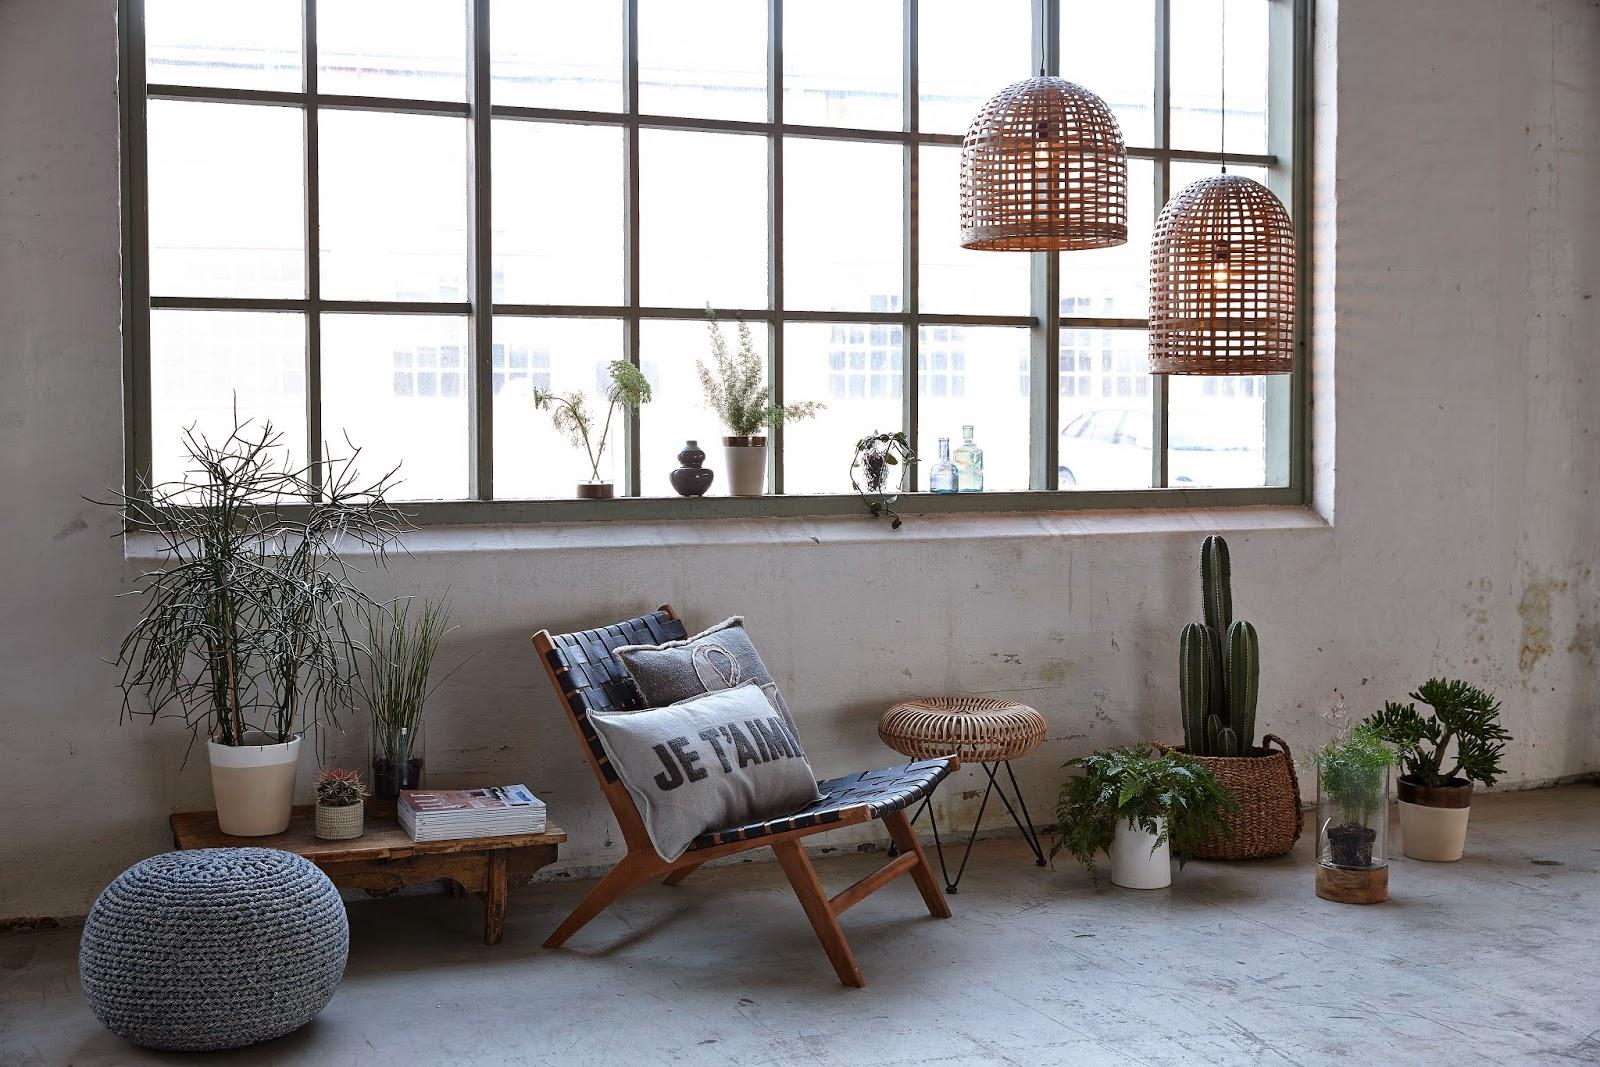 Woontrend 2014 2015 bamboe de interieurcollectie - Tijdschrift interieur decoratie ...